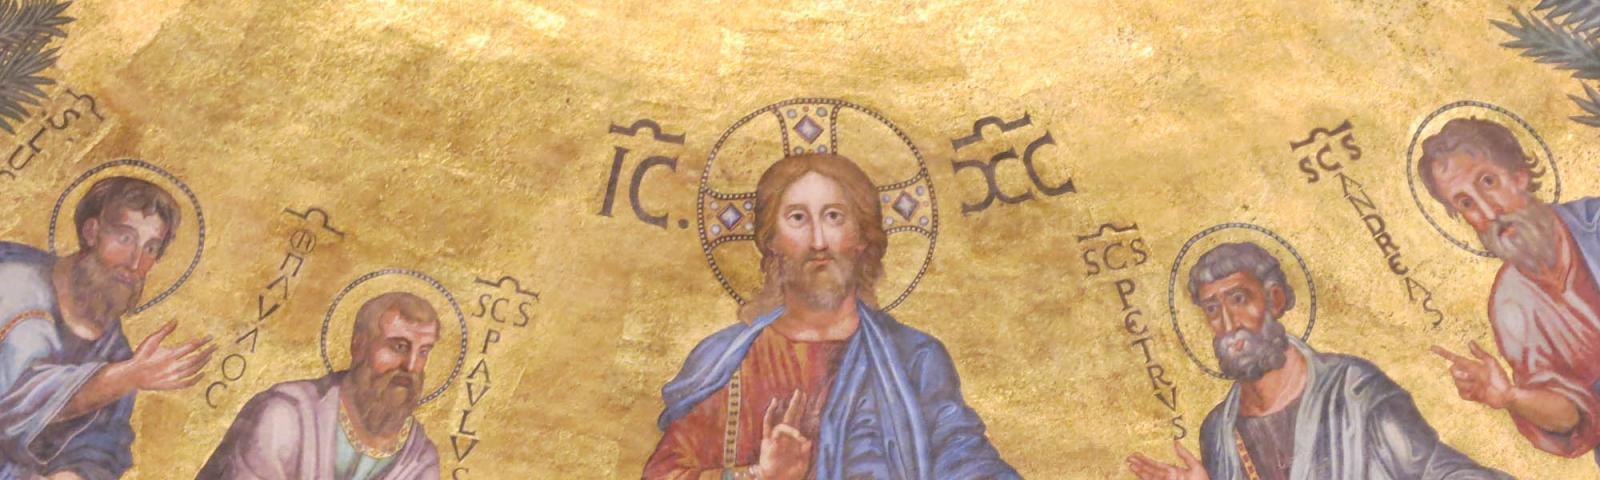 Apostolisches Glaubensbekenntnis Erklärung